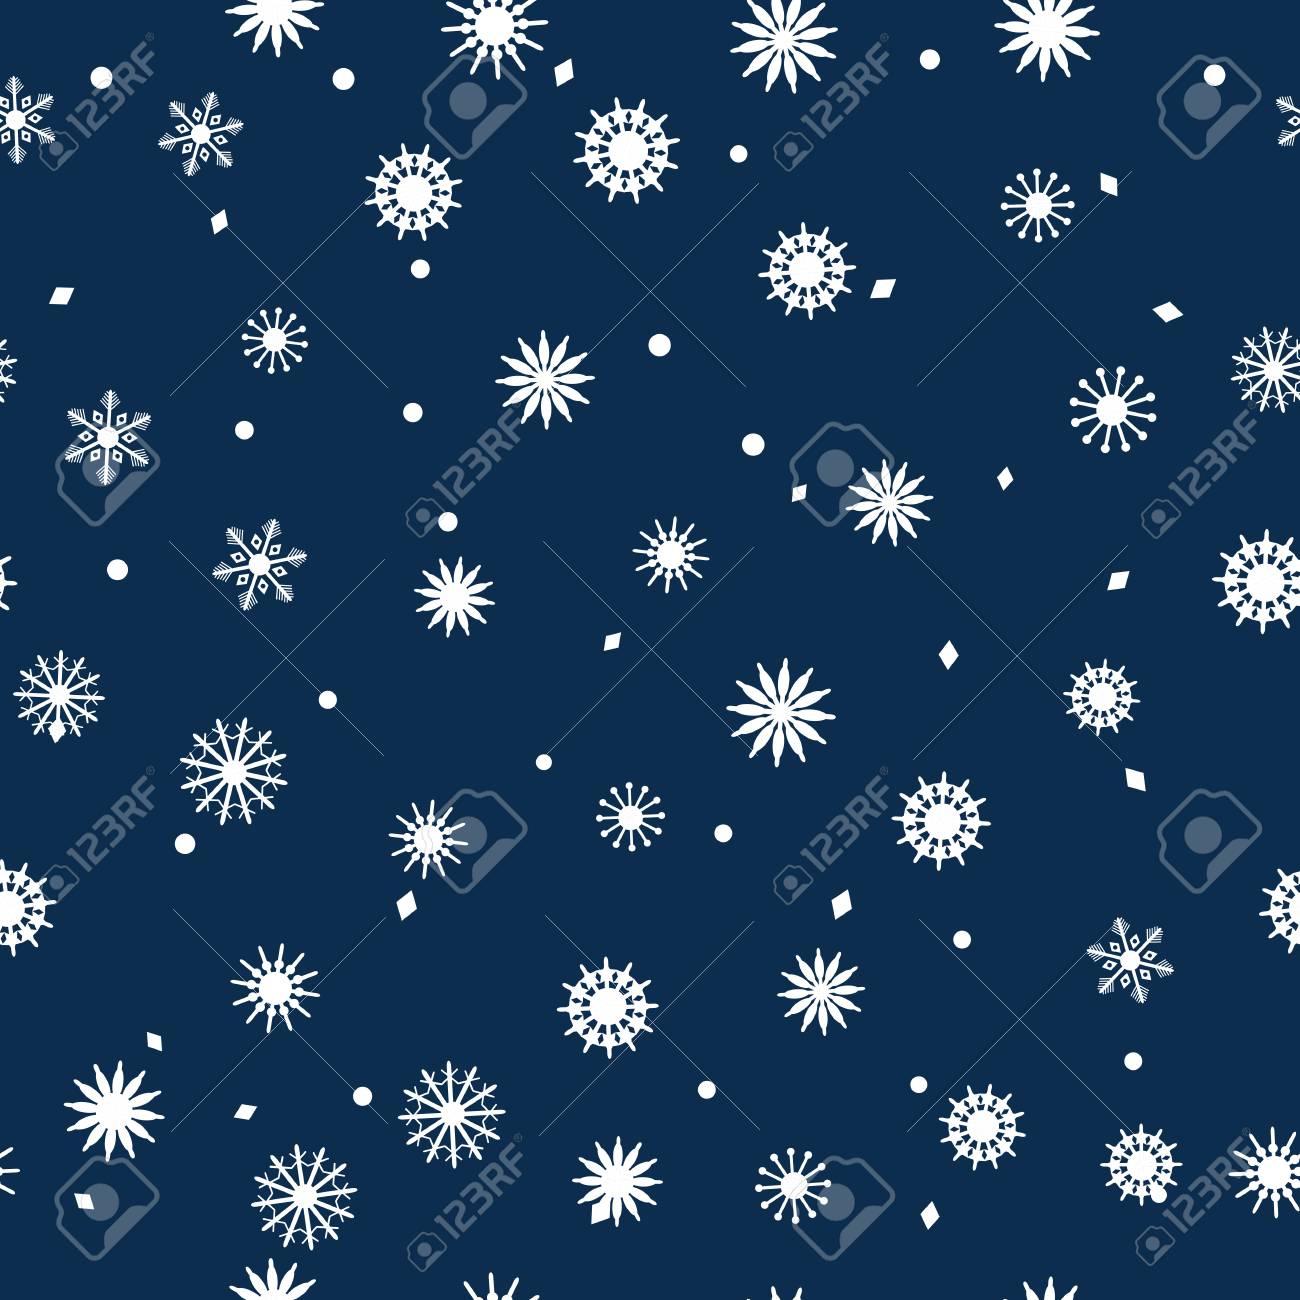 濃い青の背景に雪の結晶のシンプルなシームレス パターン 抽象的な壁紙 装飾をラップします 冬 メリー クリスマス 新年あけましておめでとうございますお祝いベクトル図のシンボルです の写真素材 画像素材 Image